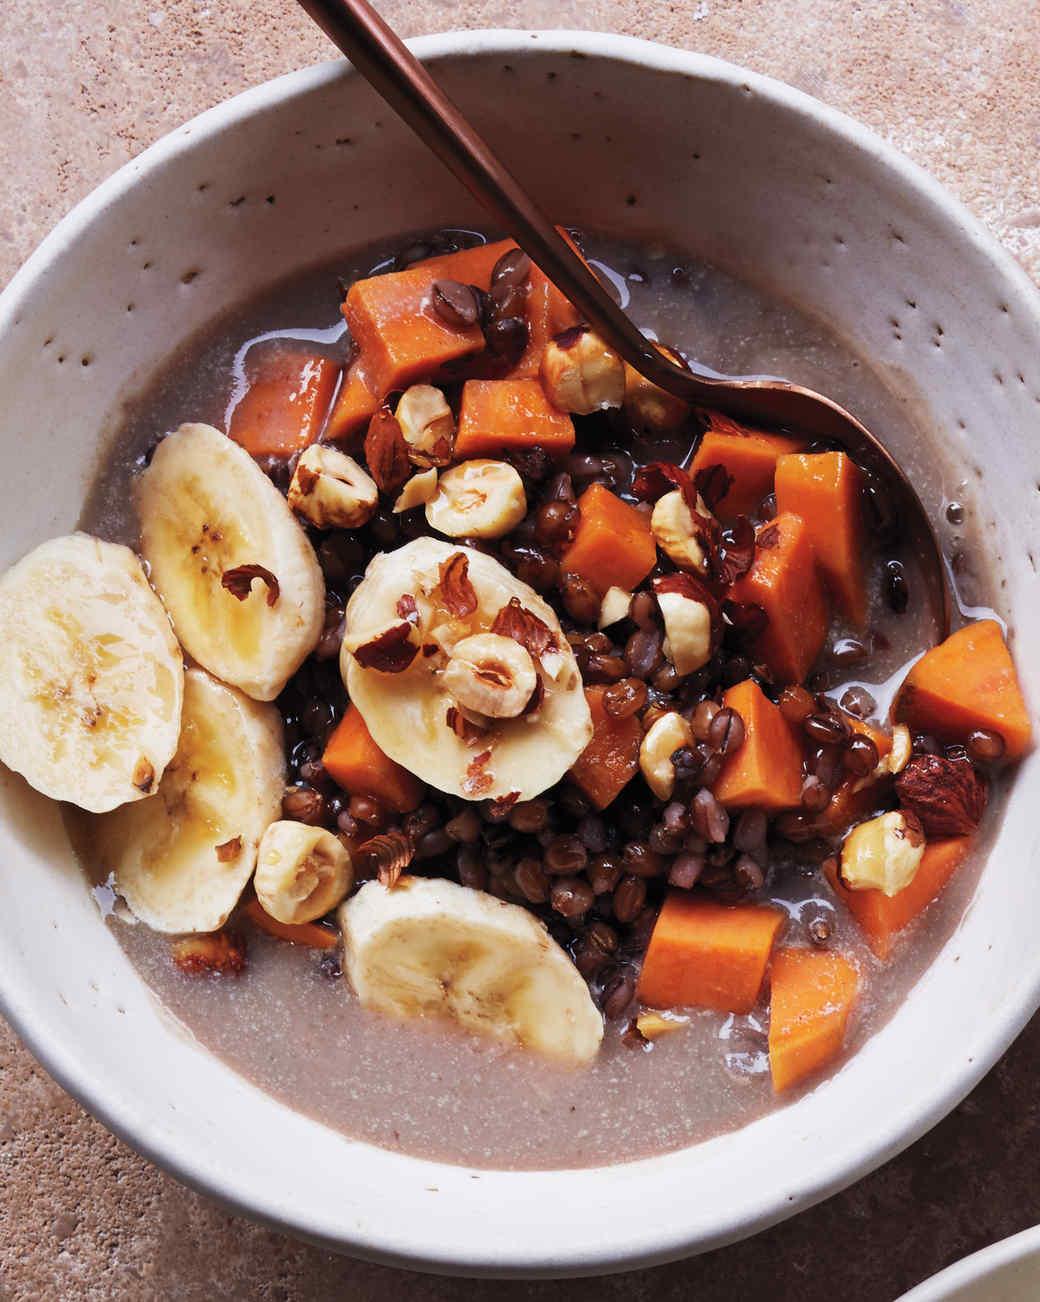 sweet-hayden-flour-mills-breakfast-bowl-971-d112232.jpg